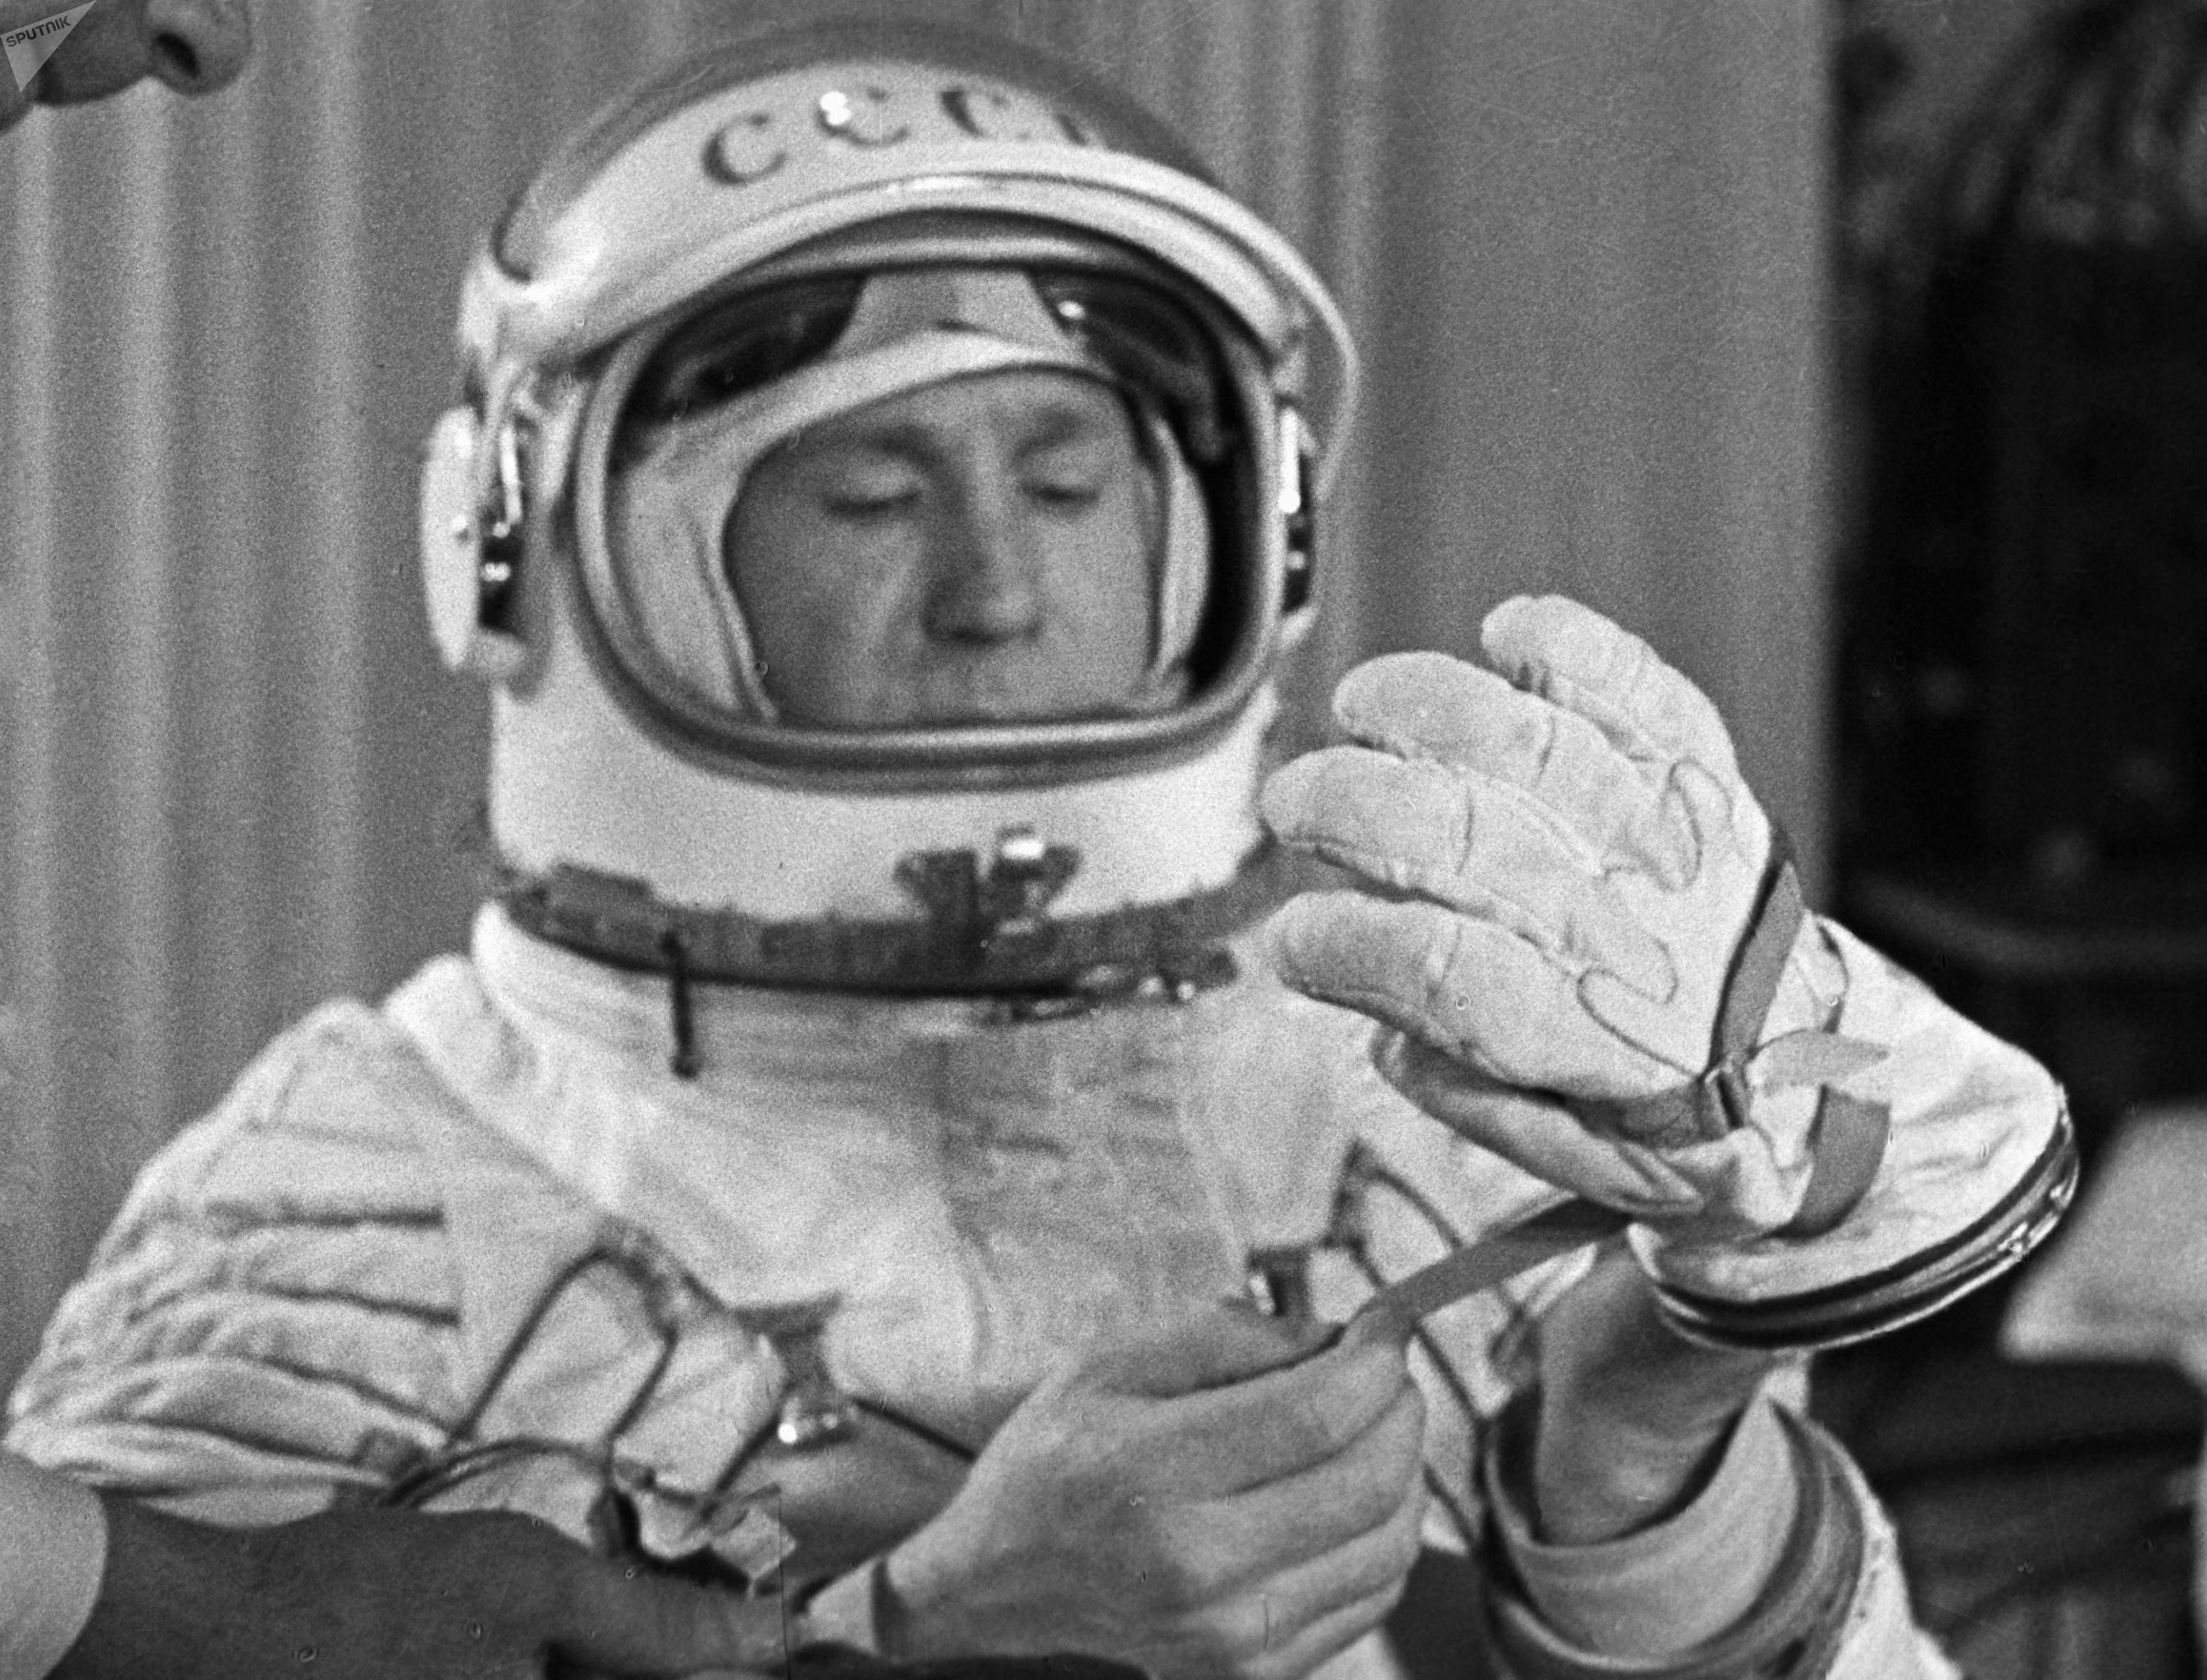 Космонавт Алексей Леонов примеряет герметические перчатки во время тренировок в Центре подготовки космонавтов.